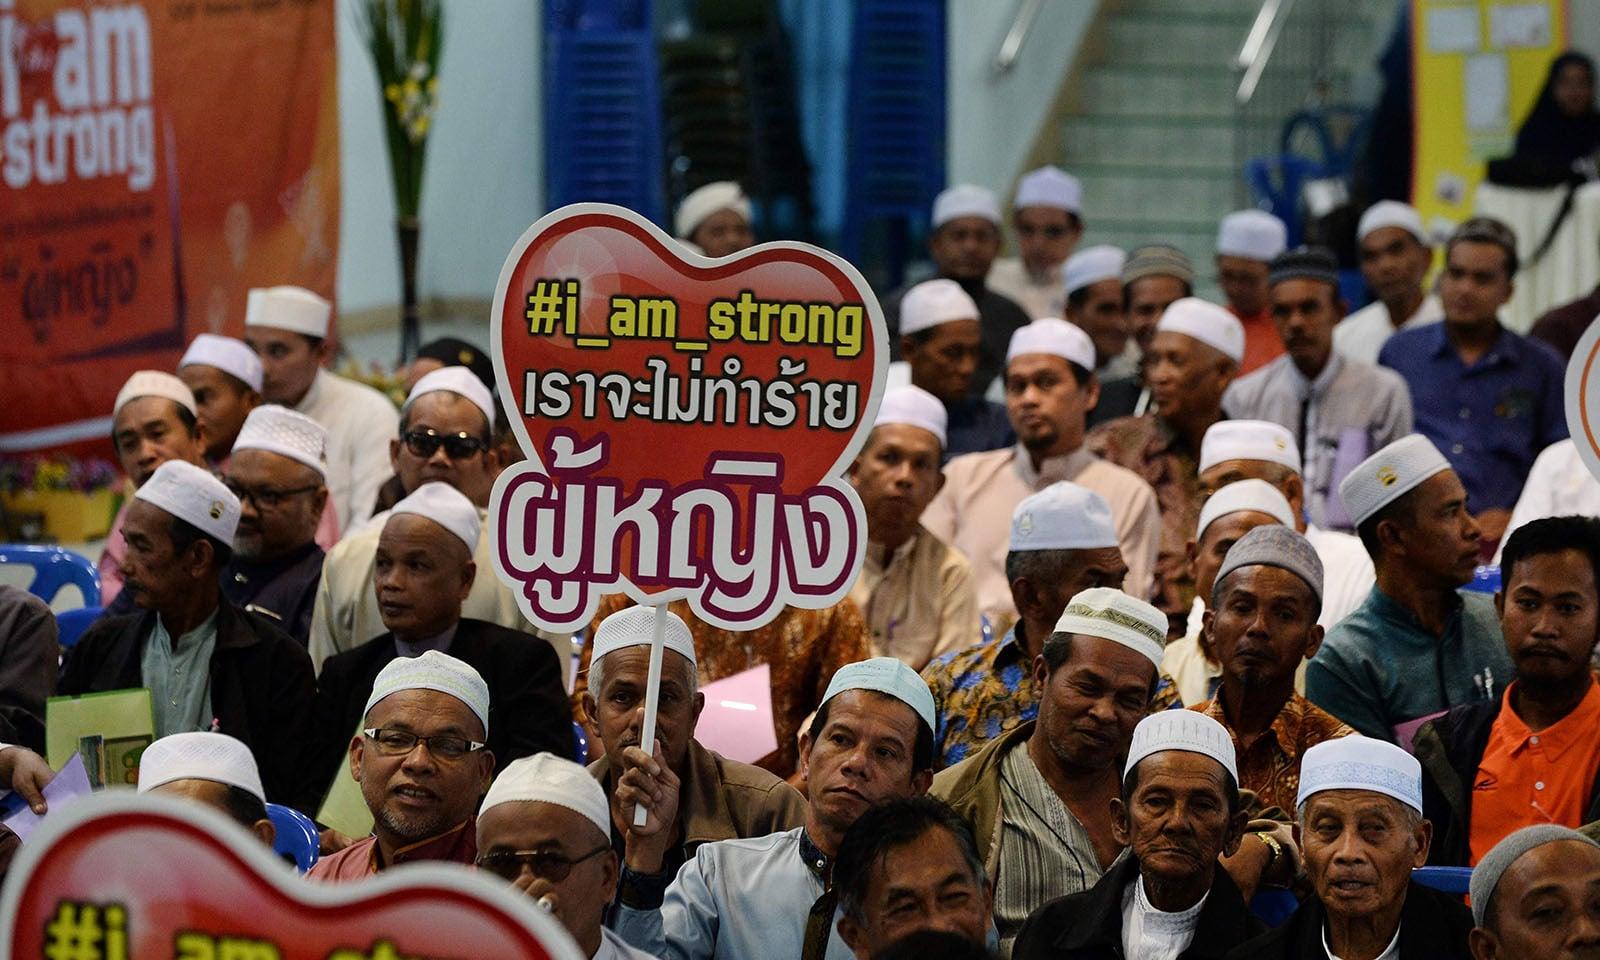 تھائی لینڈ میں منعقدہ کانفرنس میں مردوں کی بھی بڑی تعداد نے شرکت کی — فوٹو: اے ایف پی